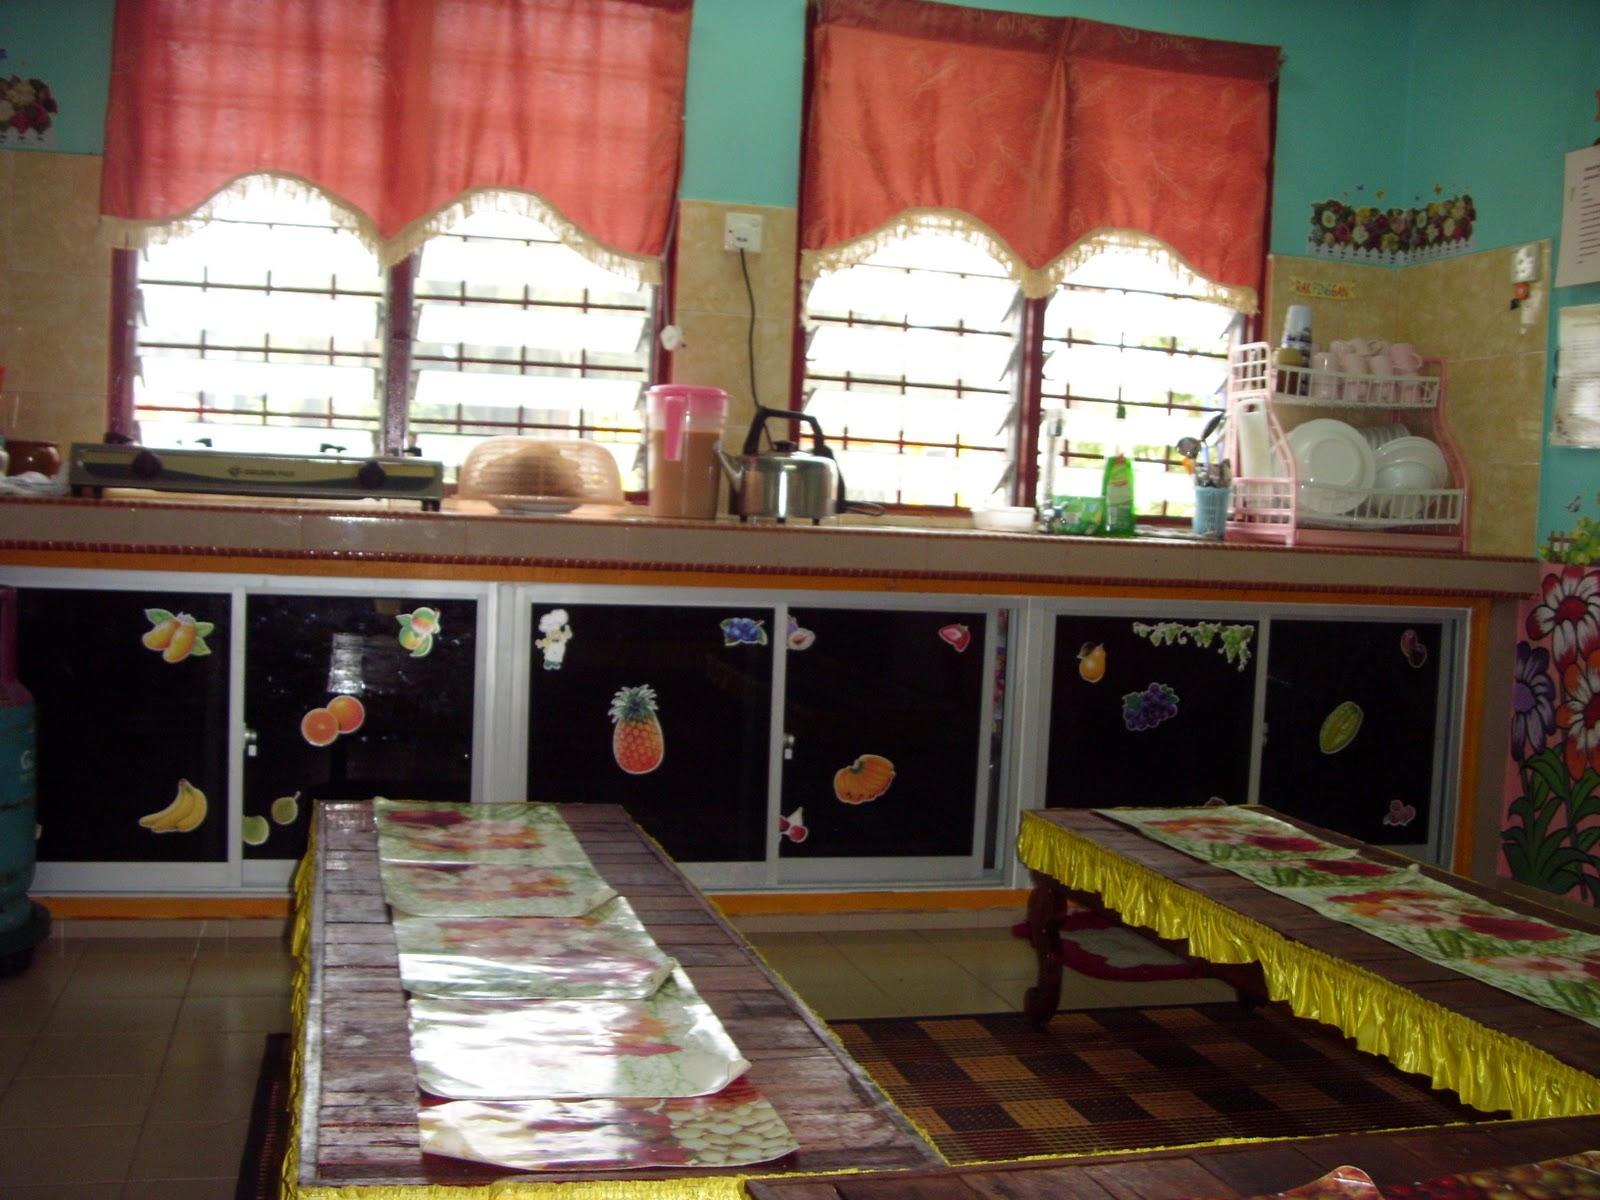 Maslinah Misdi Penyediaan Ruang Di Pra Sekolah